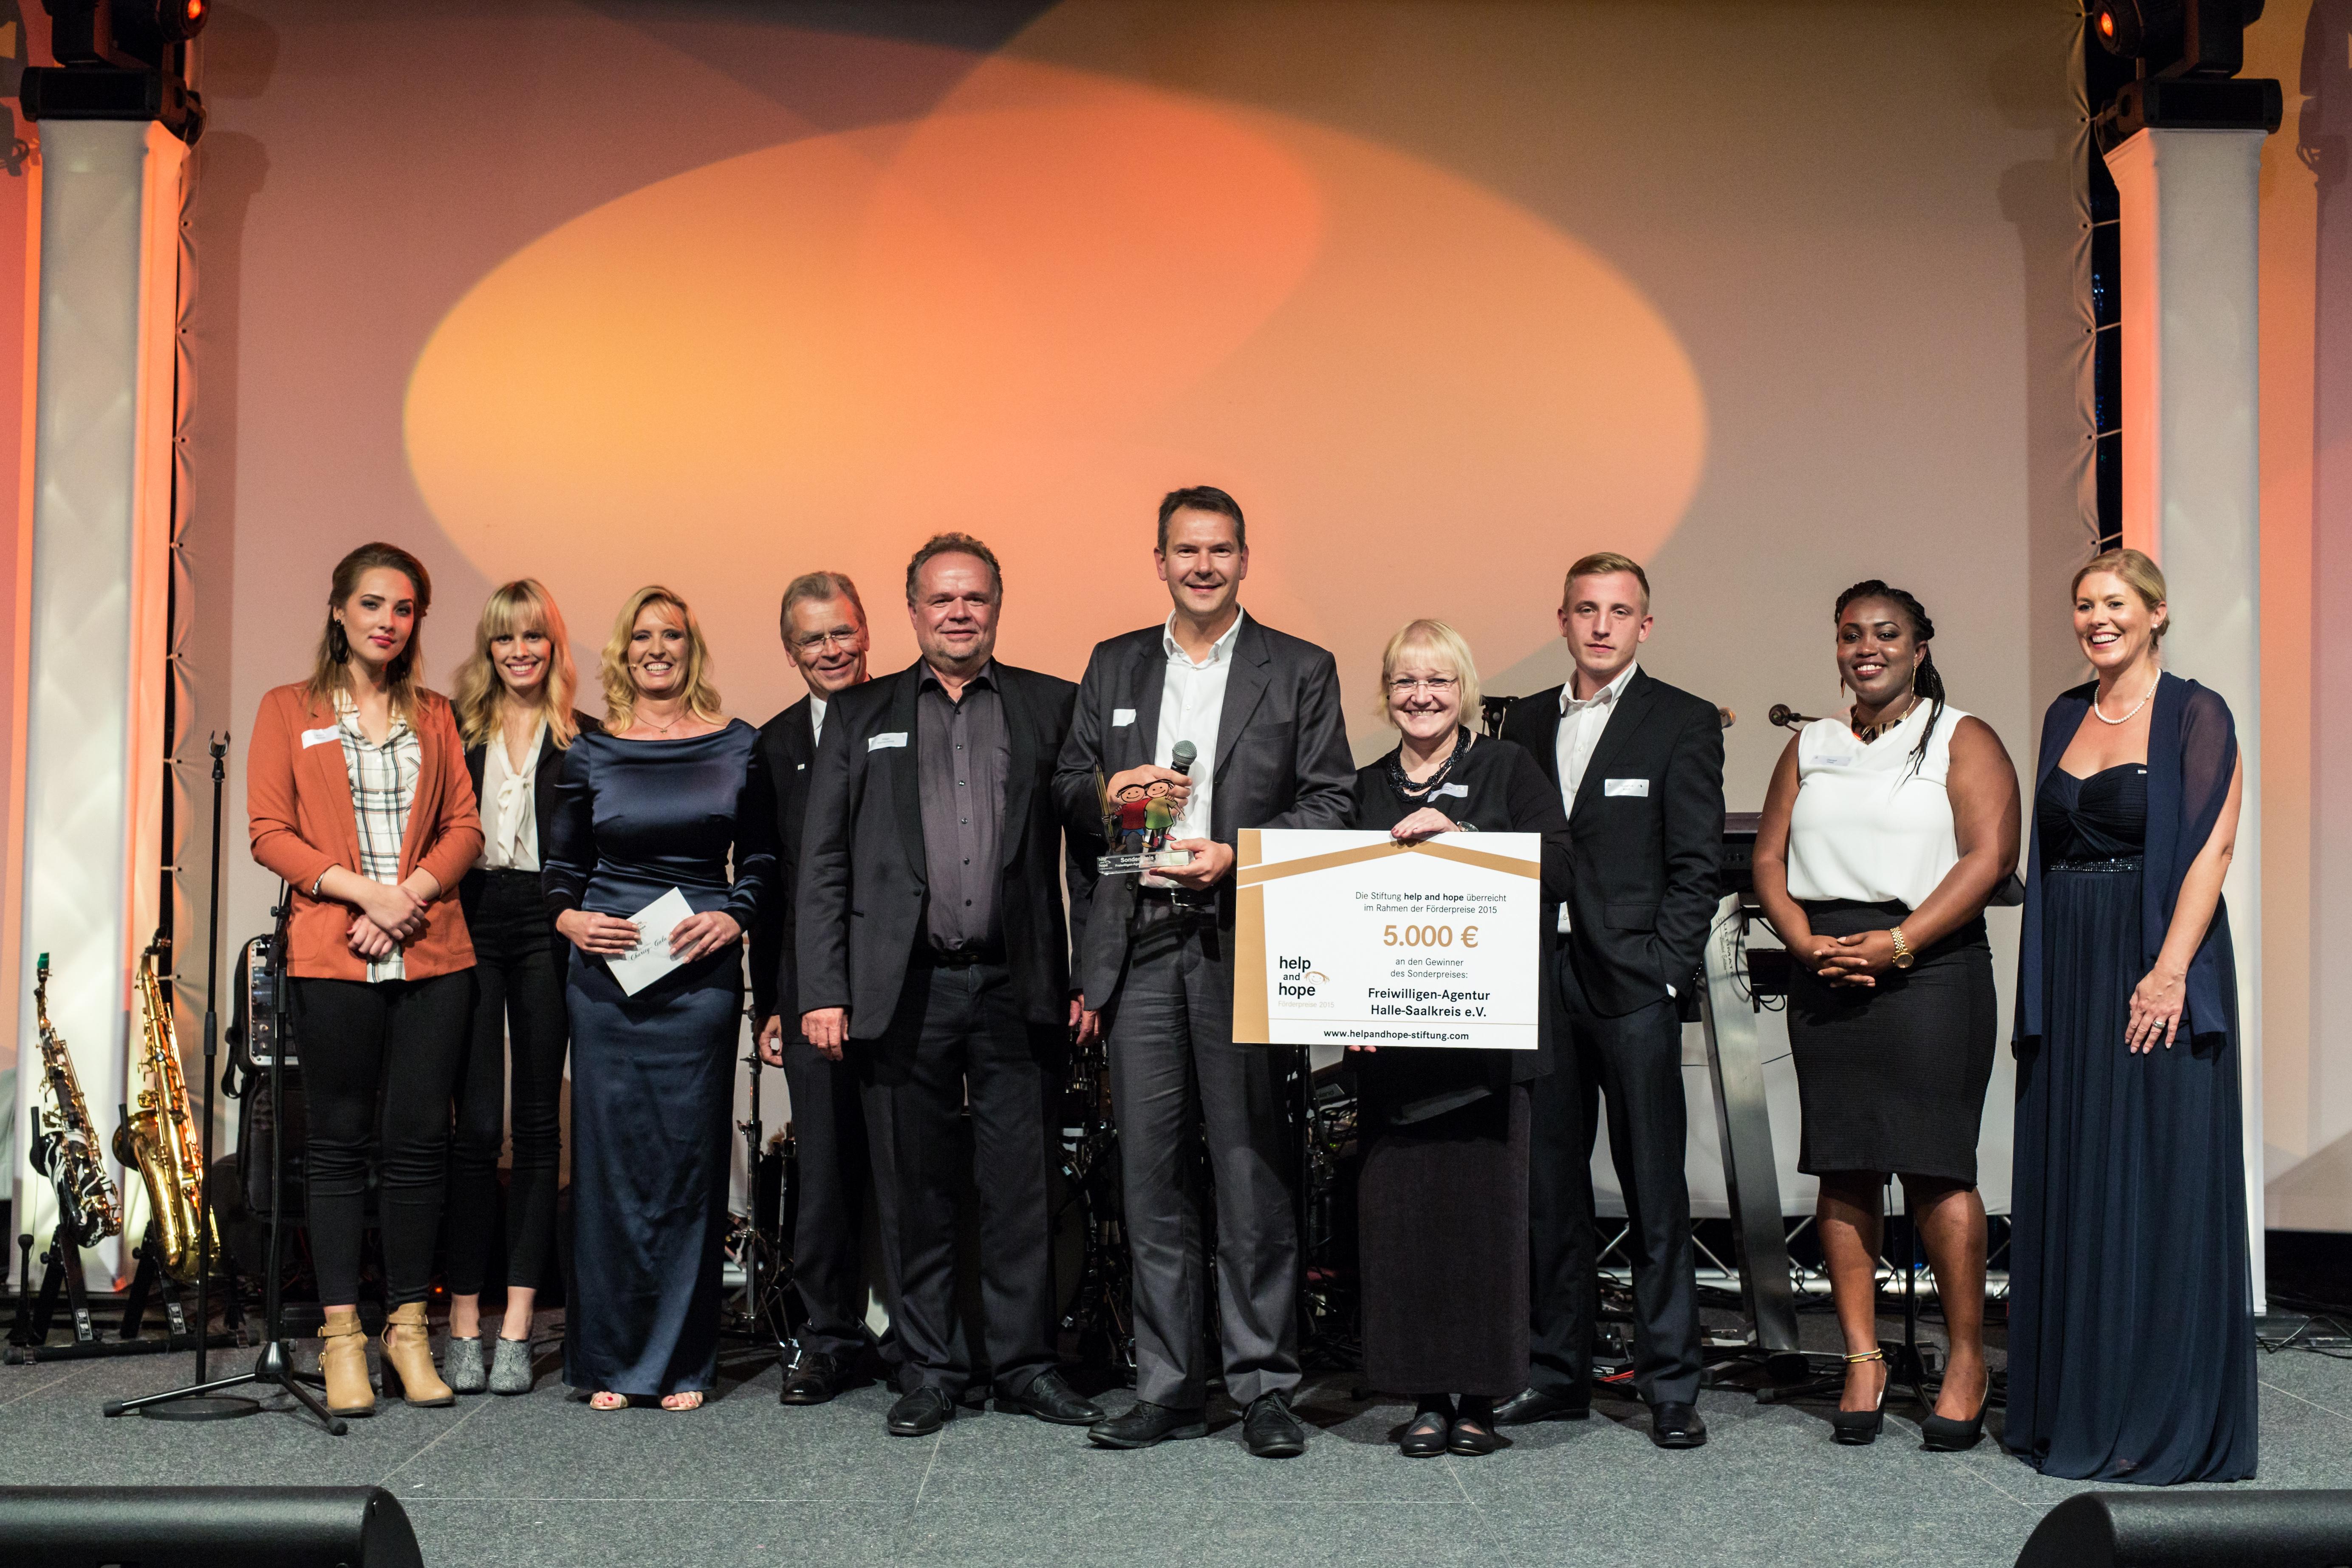 Die Freiwillige-Agentur Halle-Saalkreis gewinnt den Sonderpreis